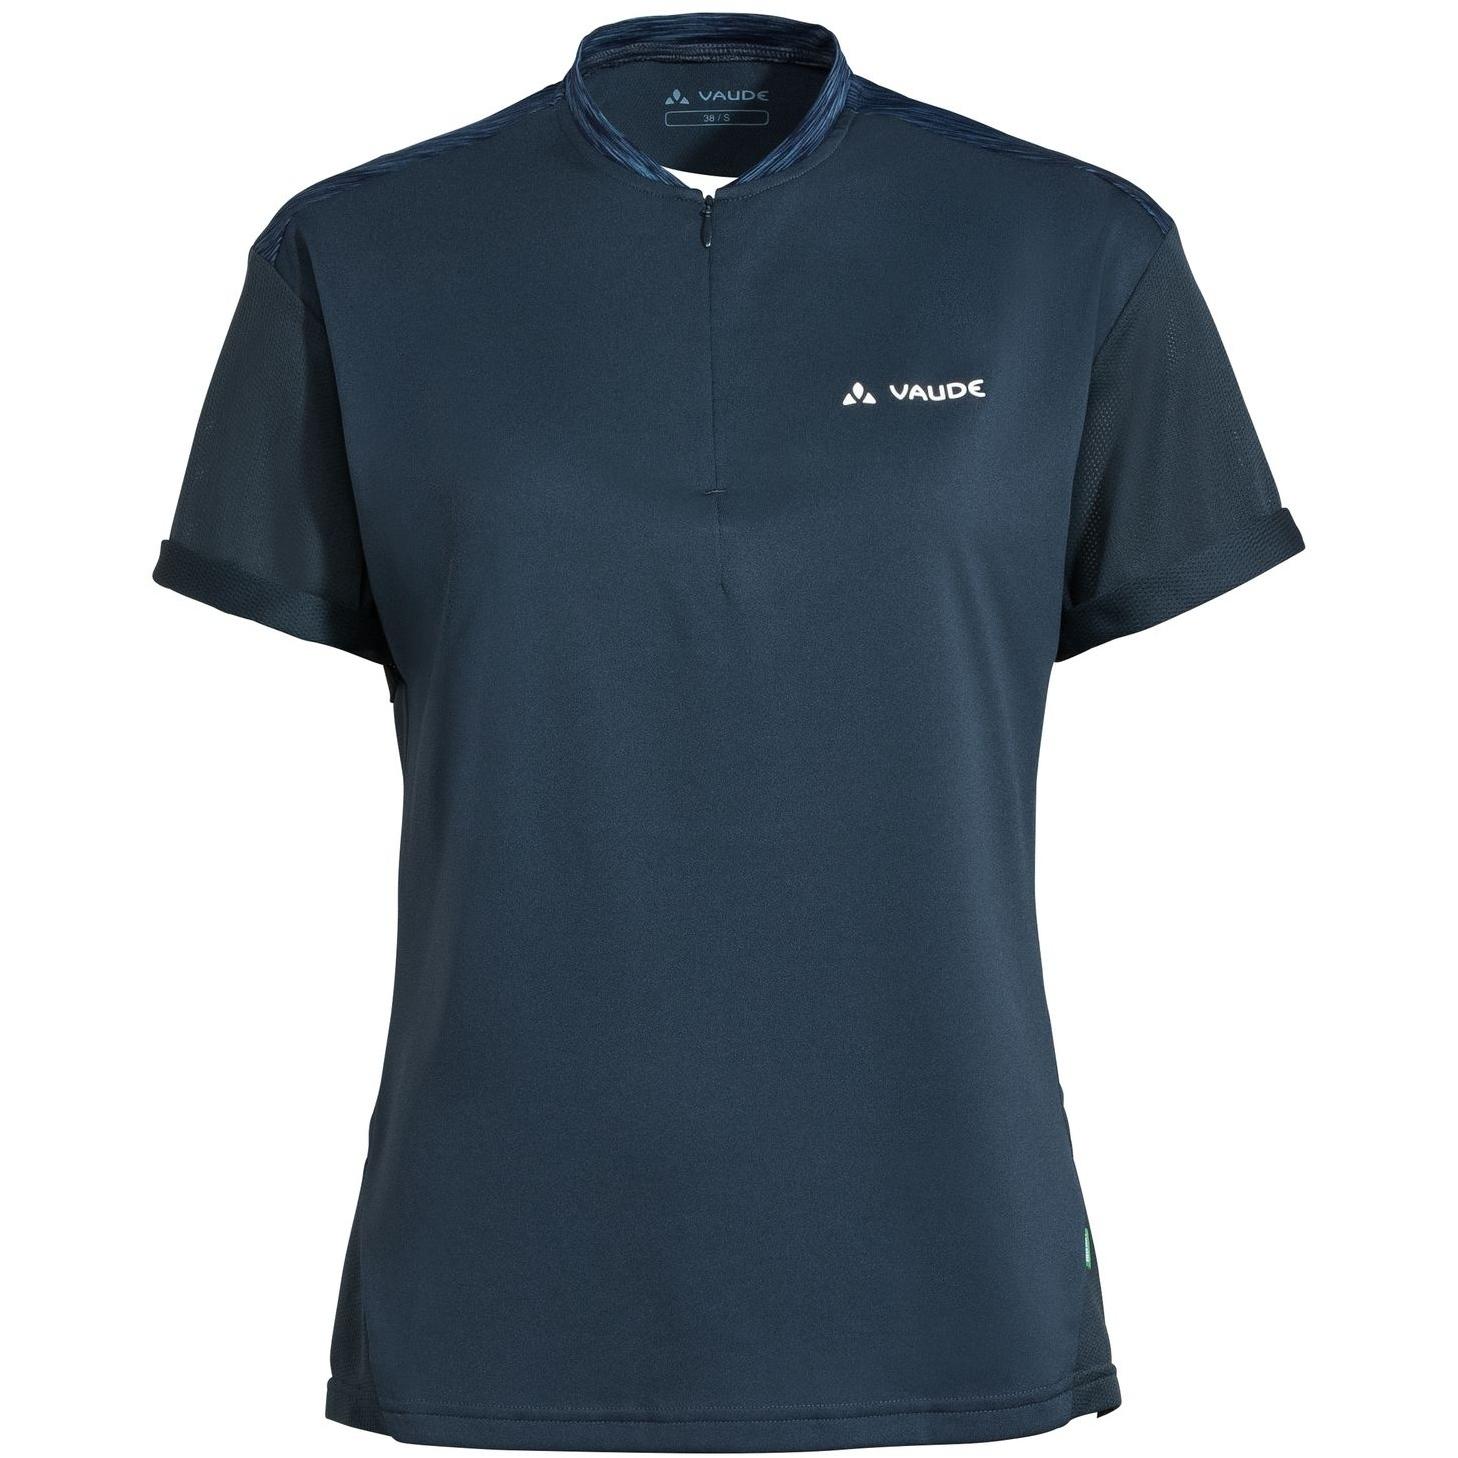 Vaude Qimsa Damen T-Shirt - steelblue